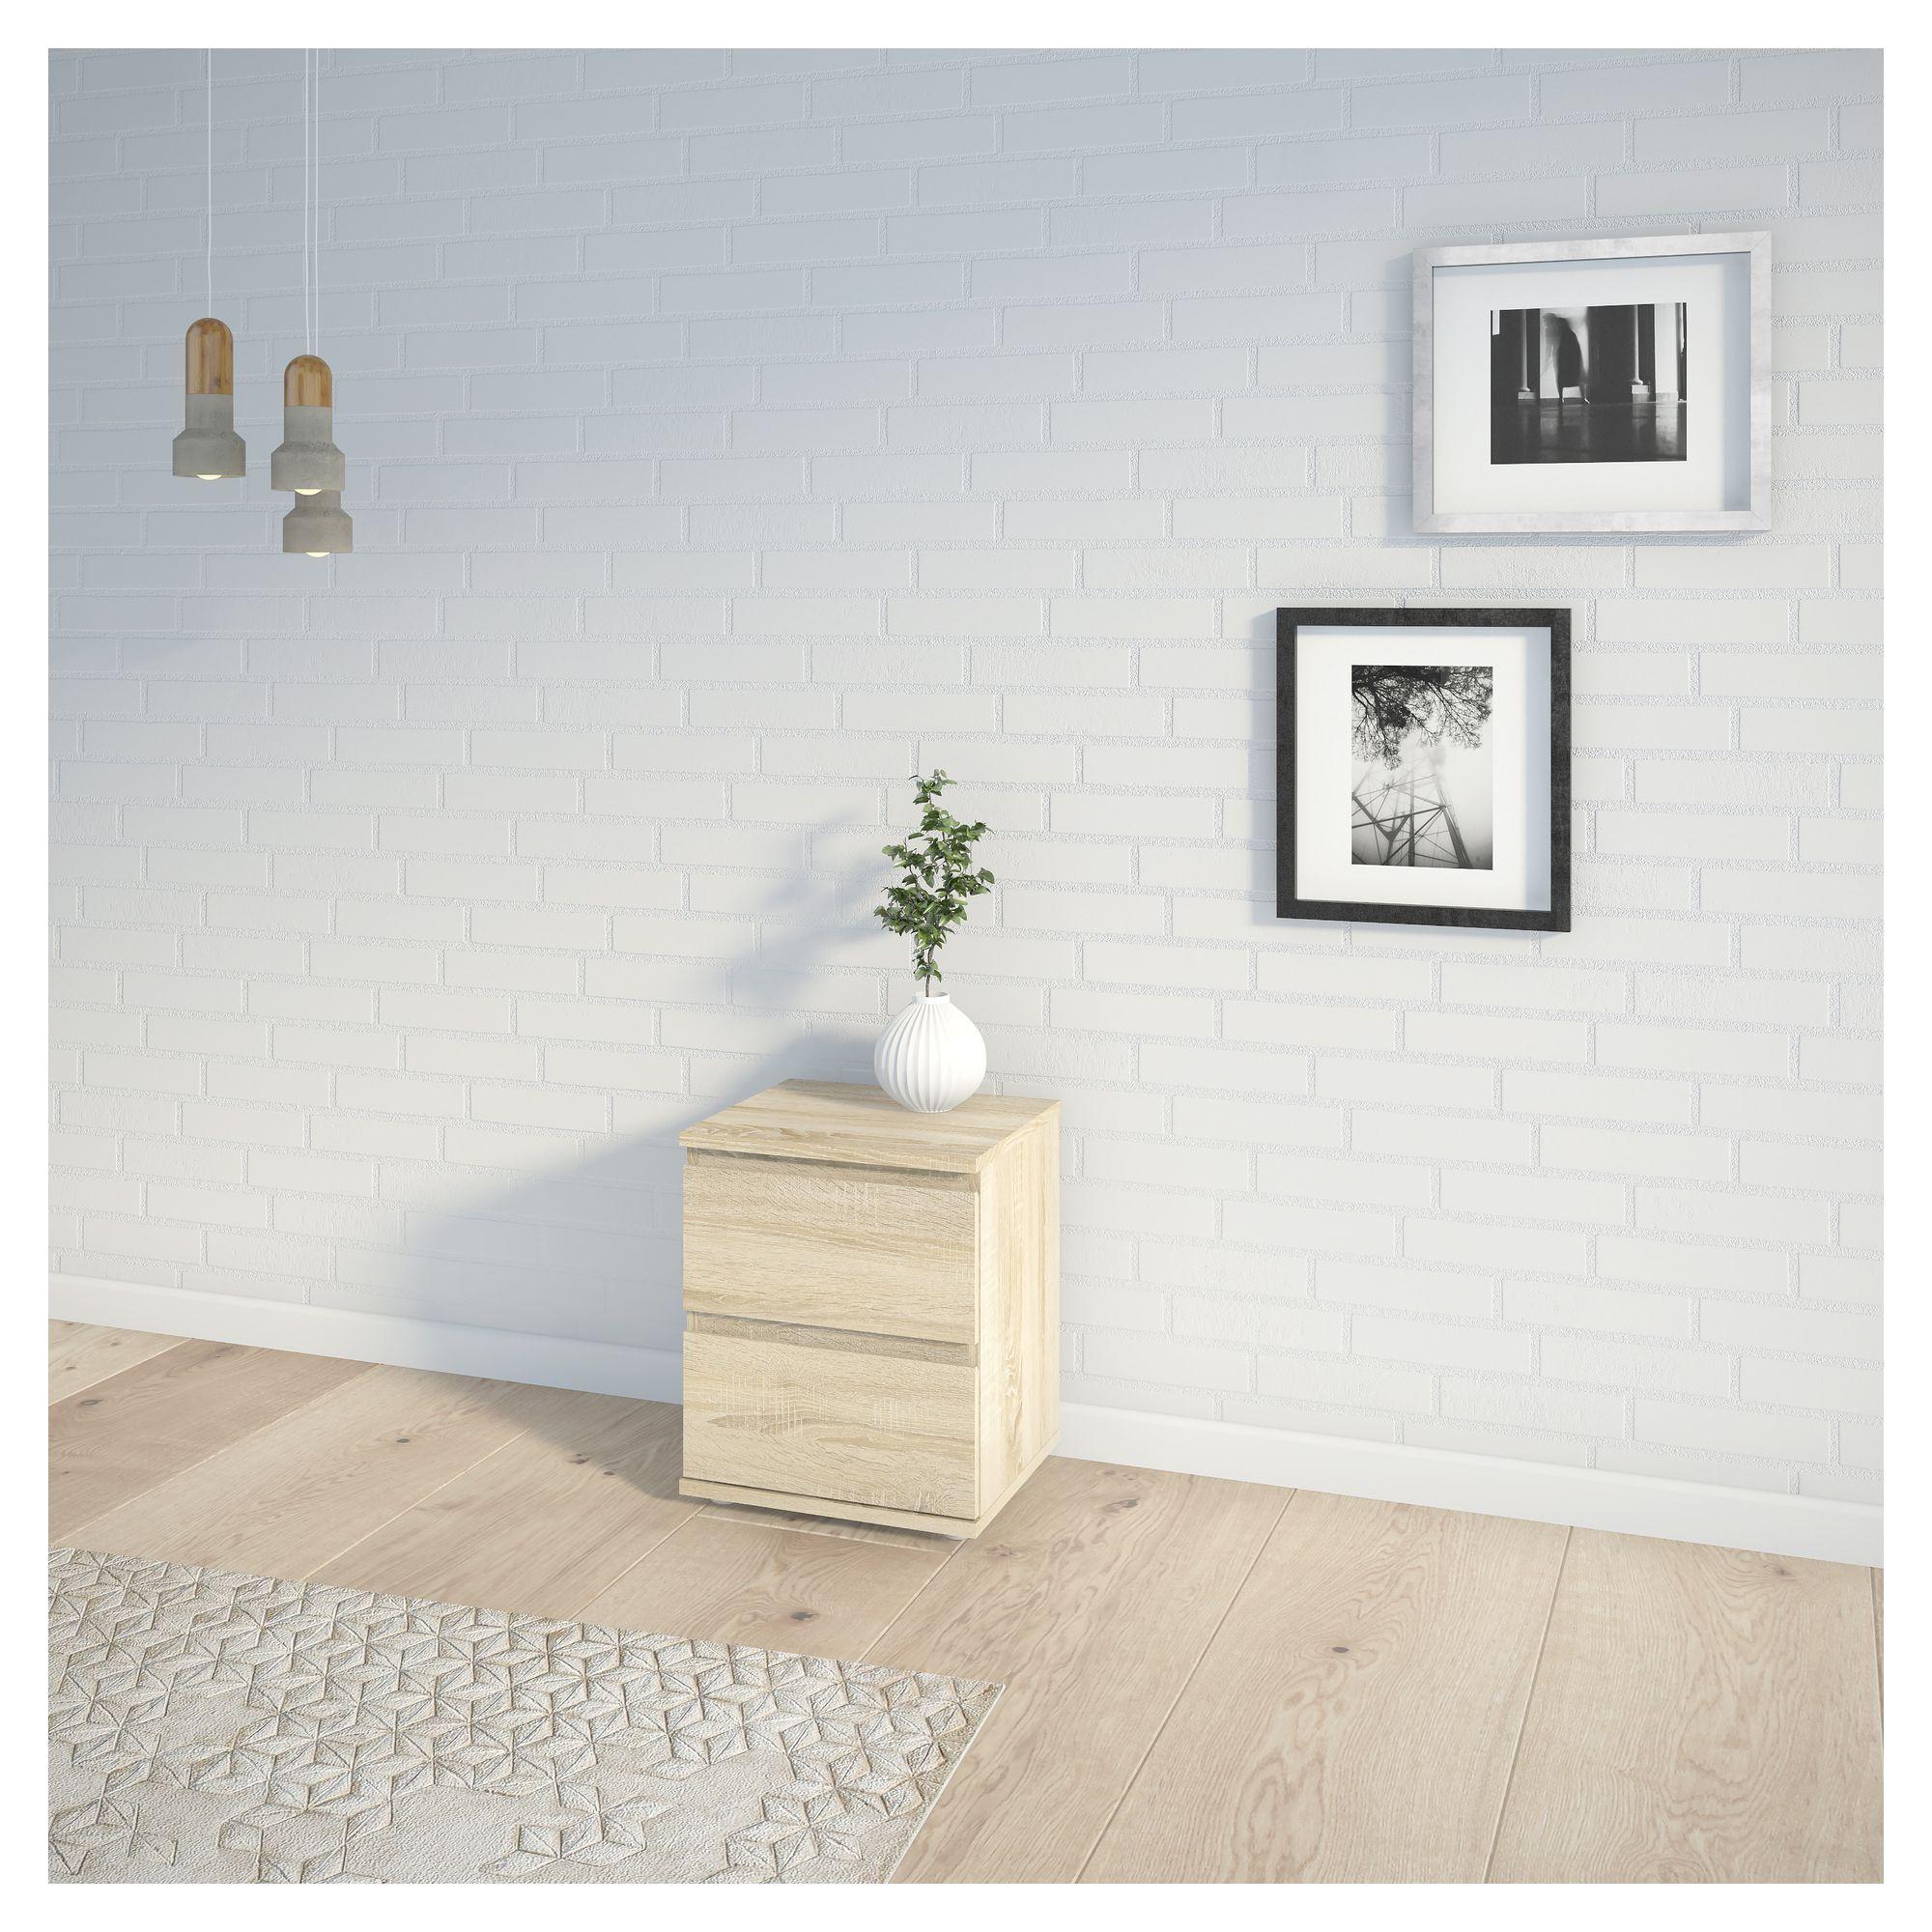 Nova Sengebord - Lystræ - Sengebord i lyst træ uden greb